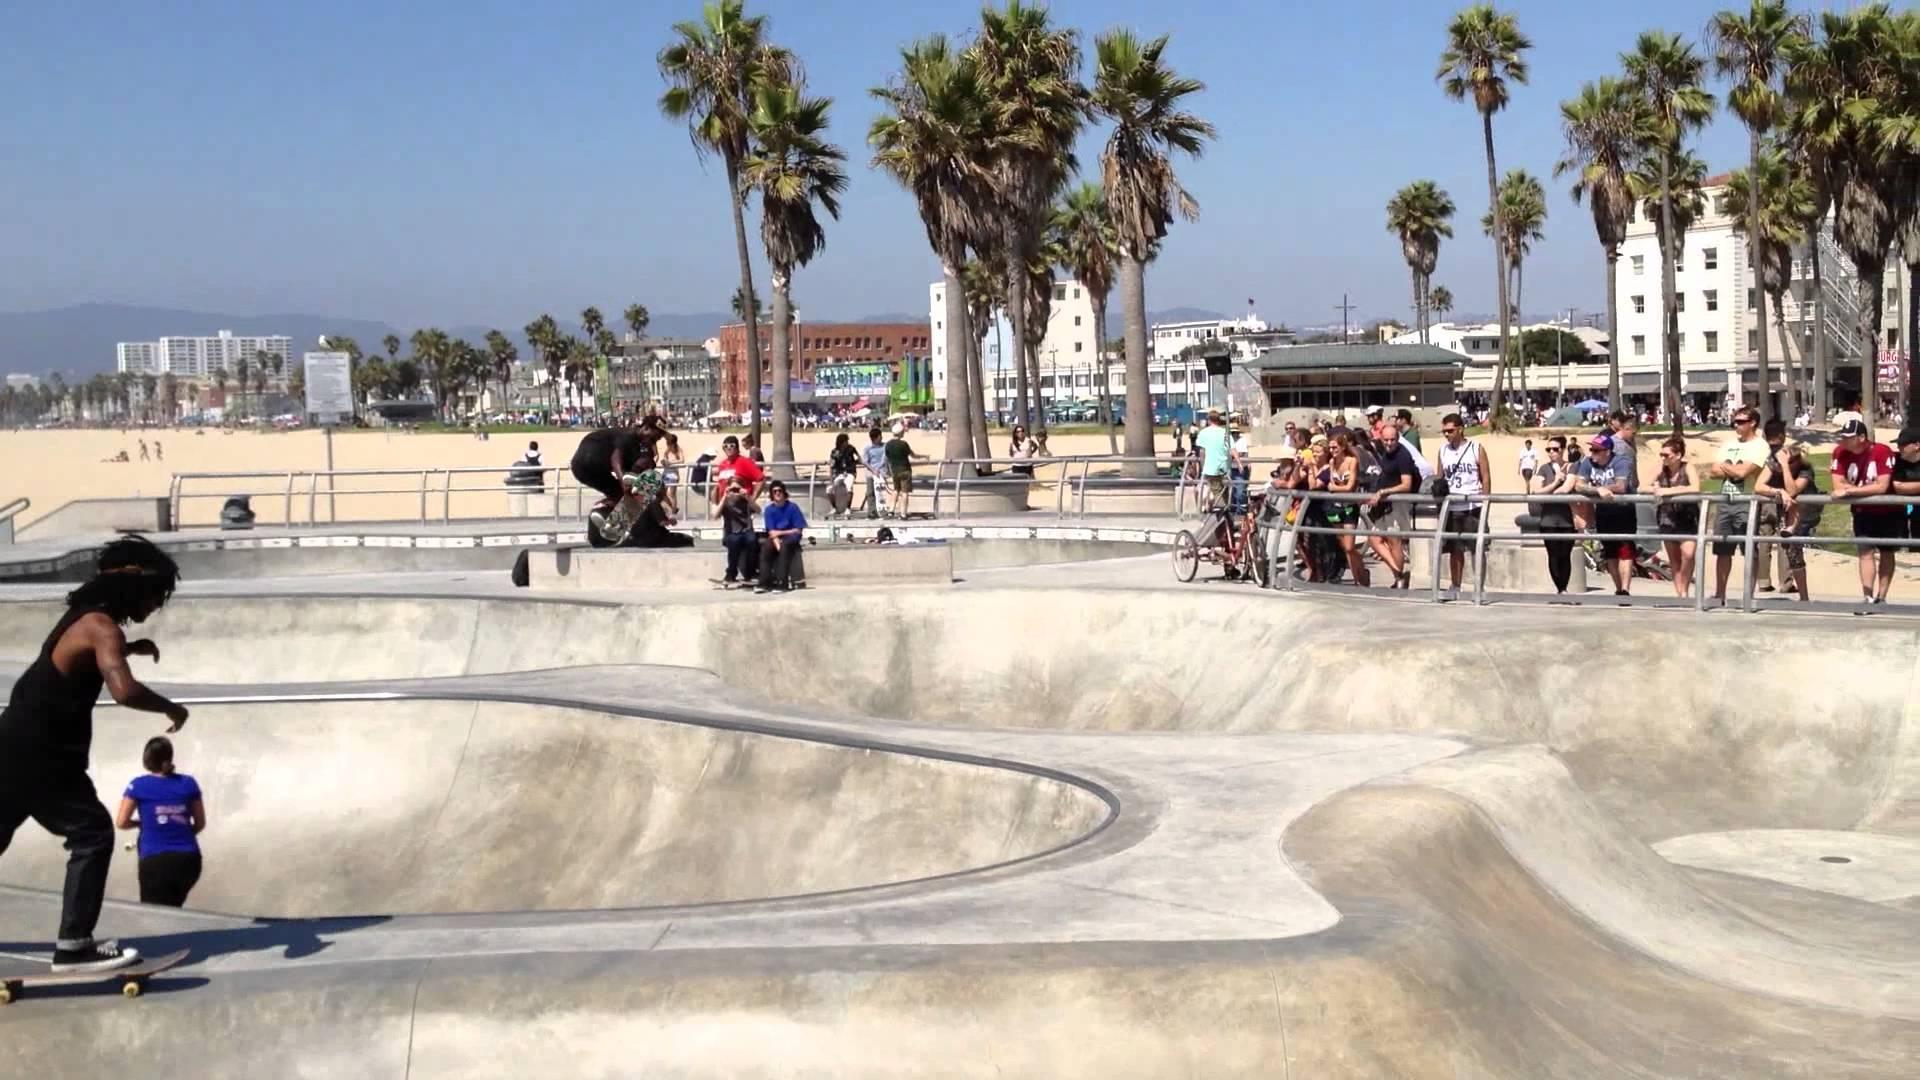 Photo 1: Skate Park Venice Beach